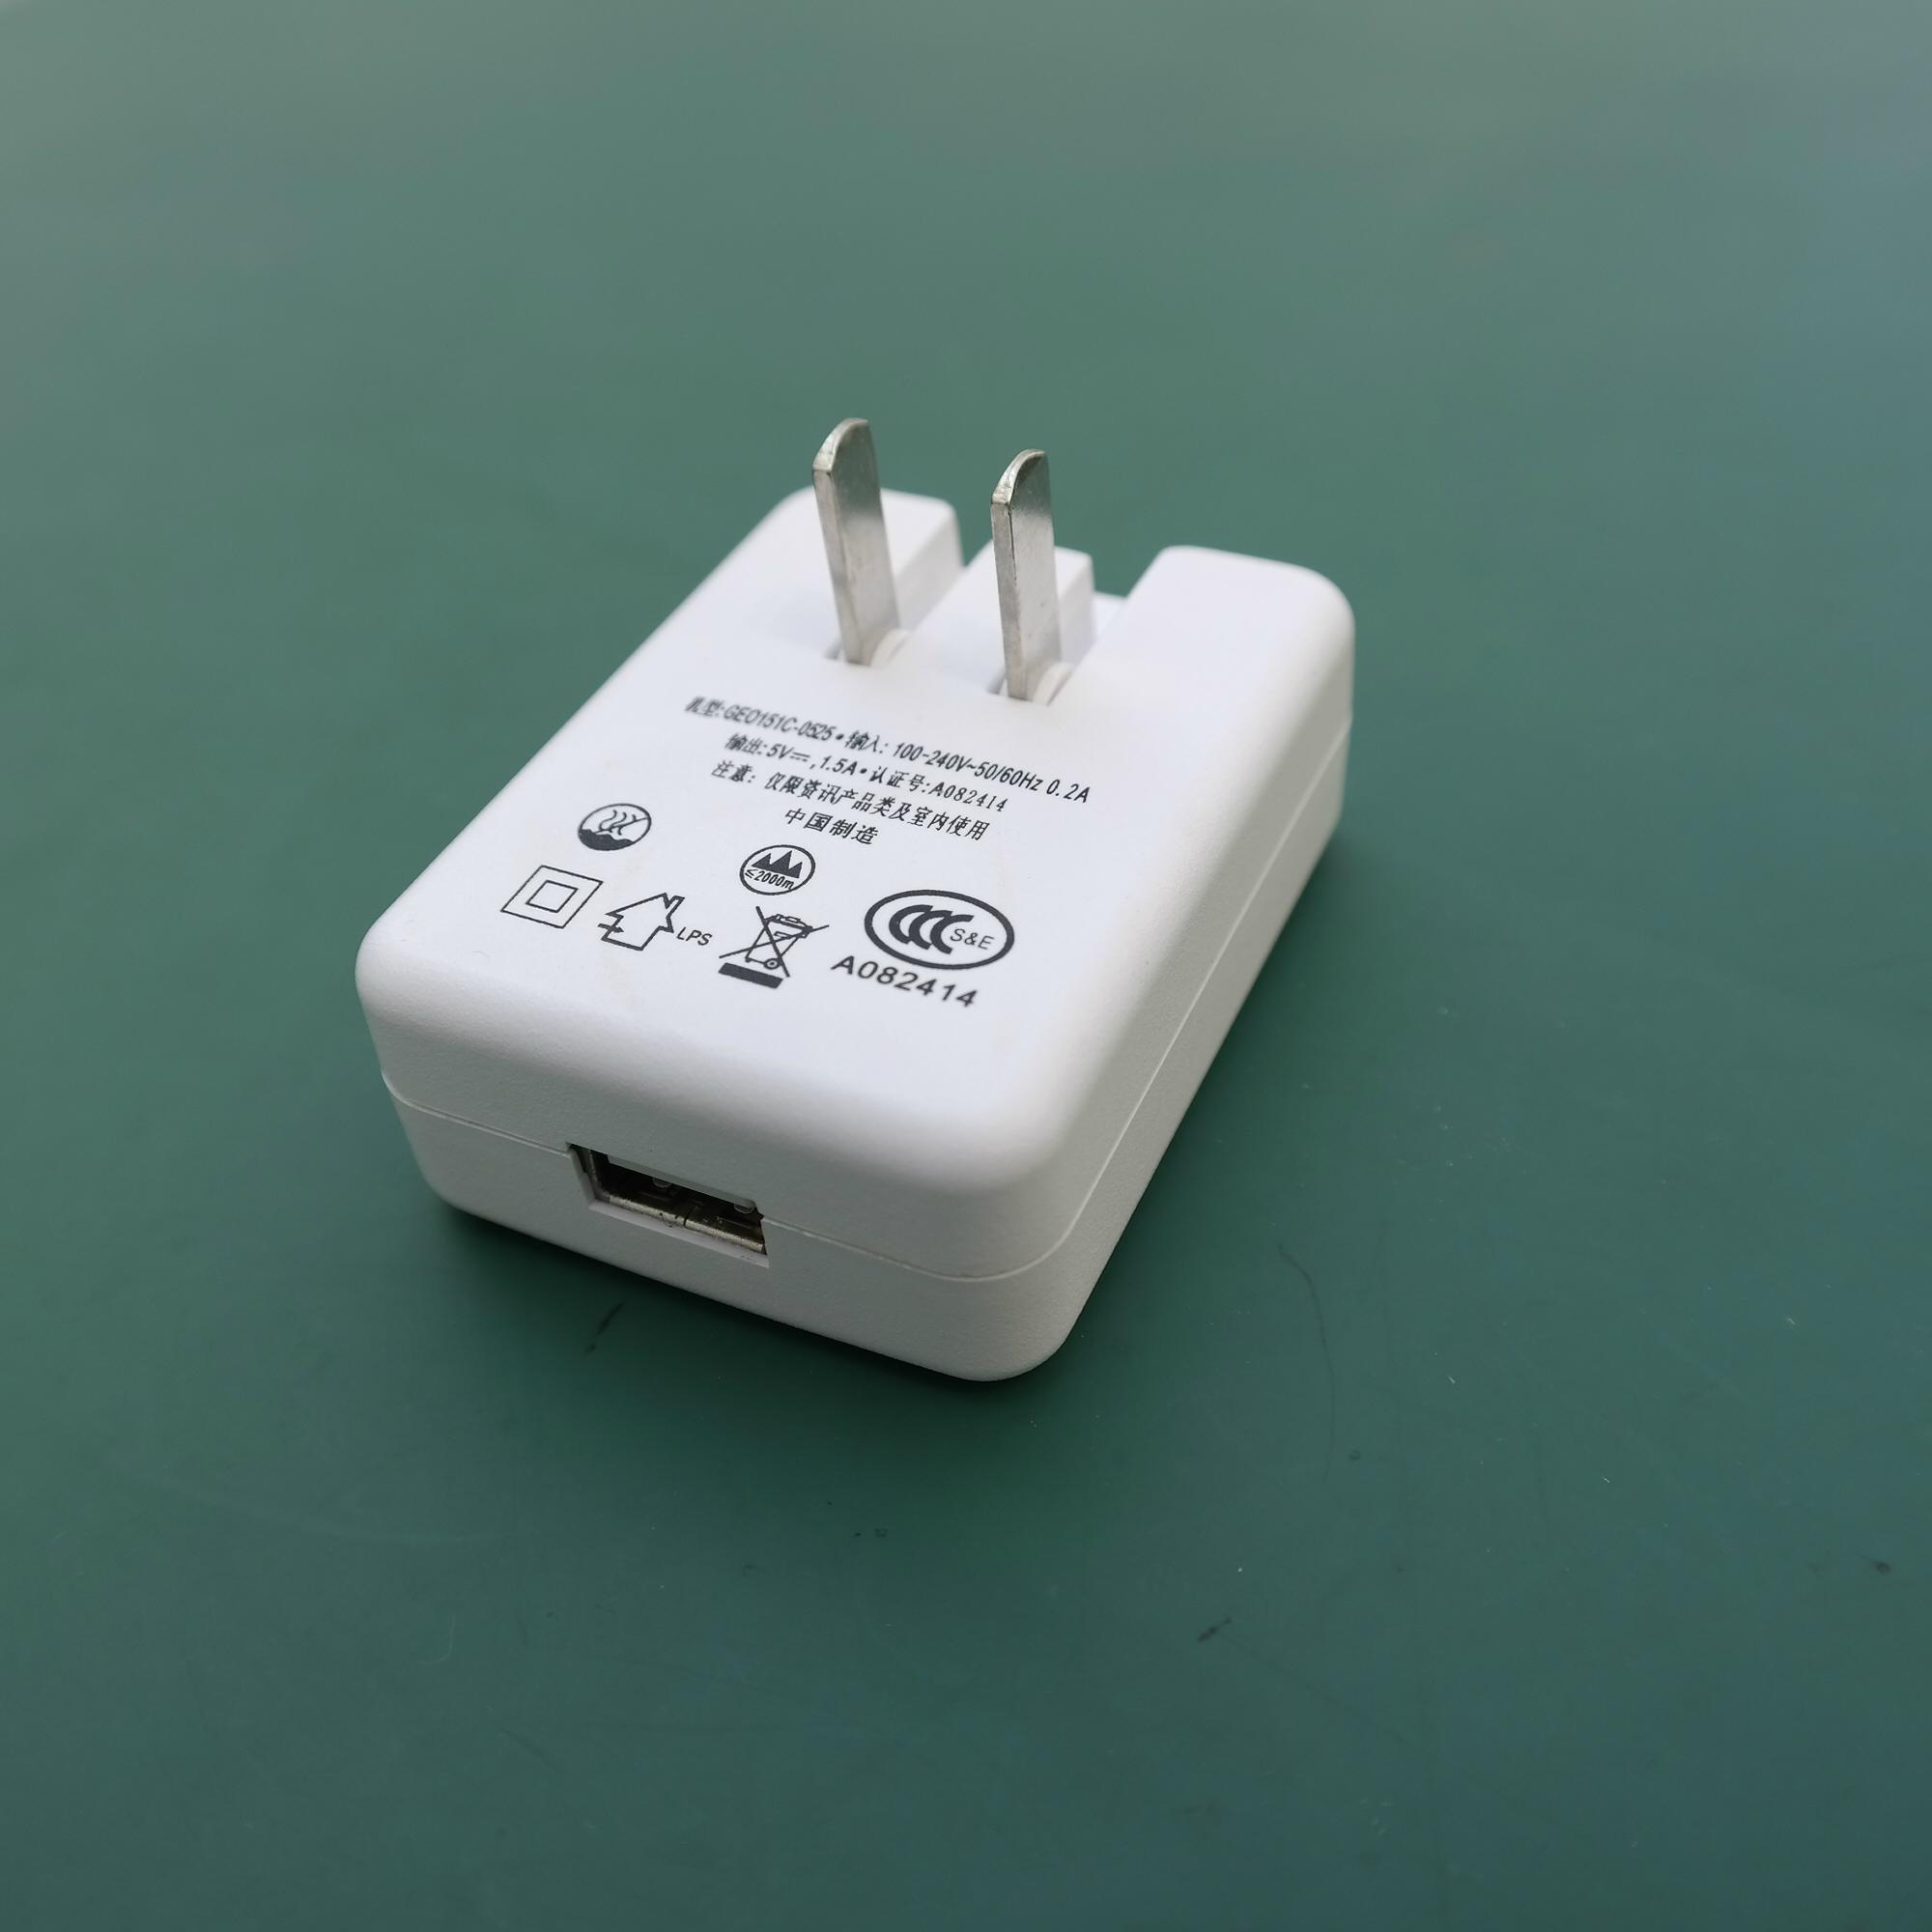 銷售美規USB 5V0.5A電池充電器&適配器 7